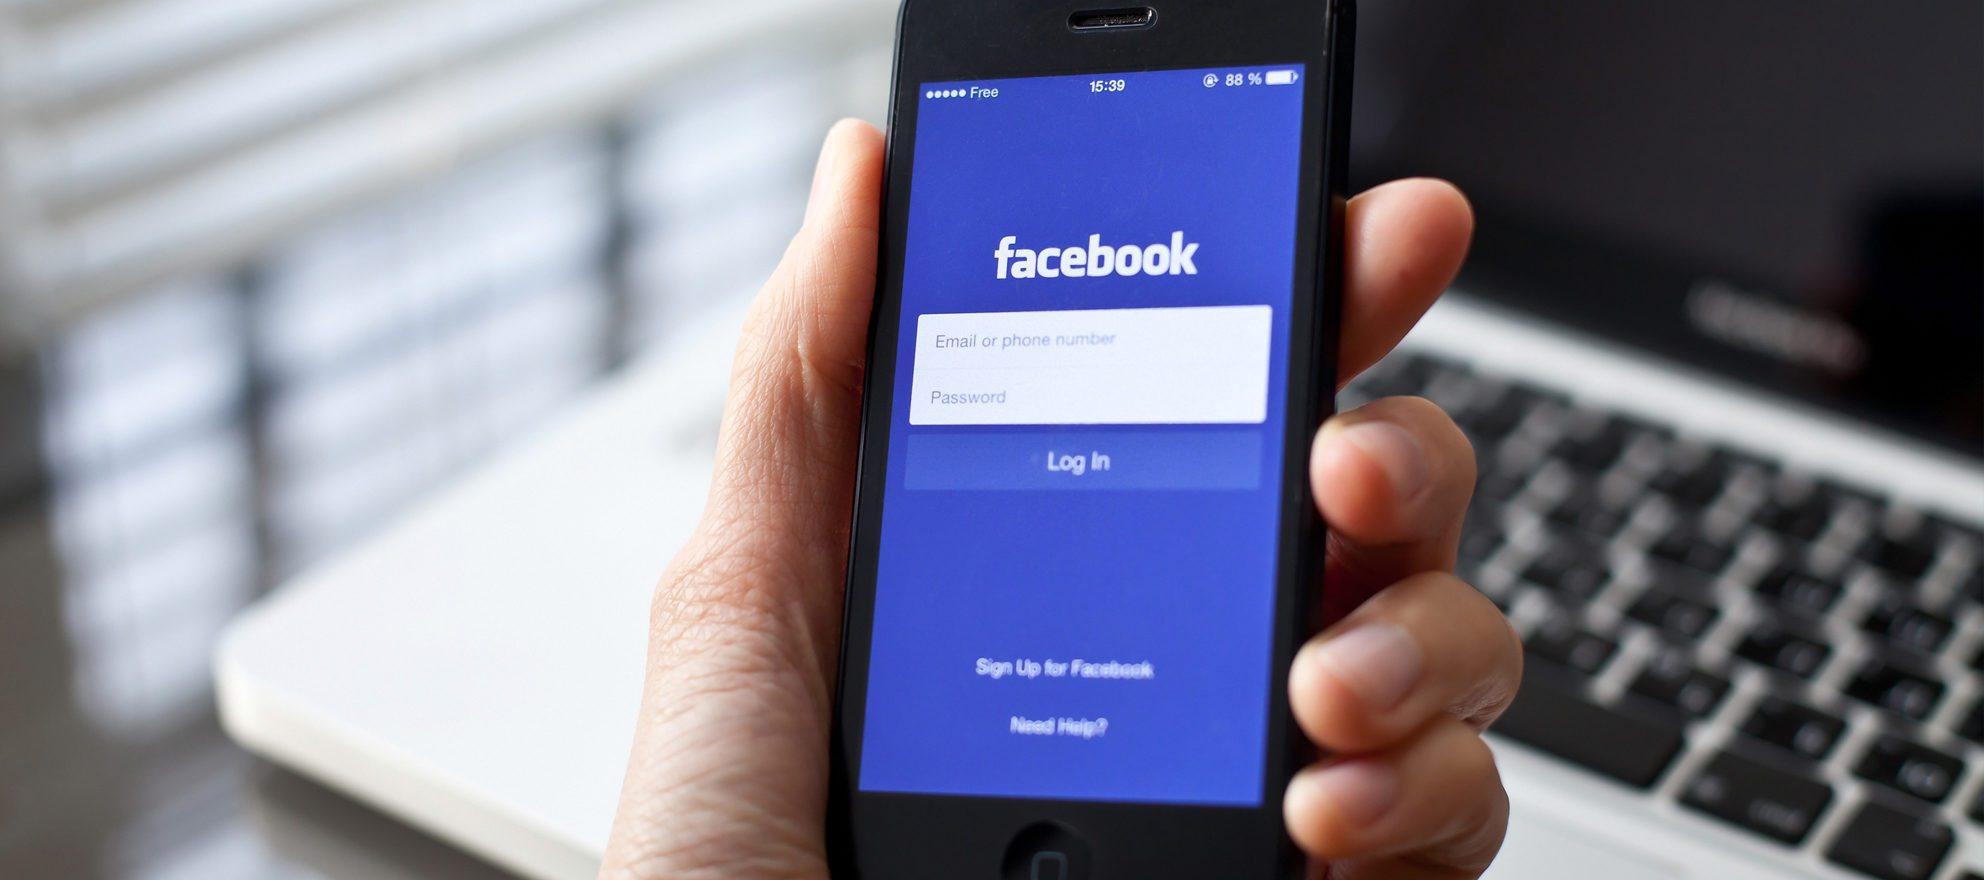 هل تعلمين أن فيسبوك يعرف حالتك الصحية ؟